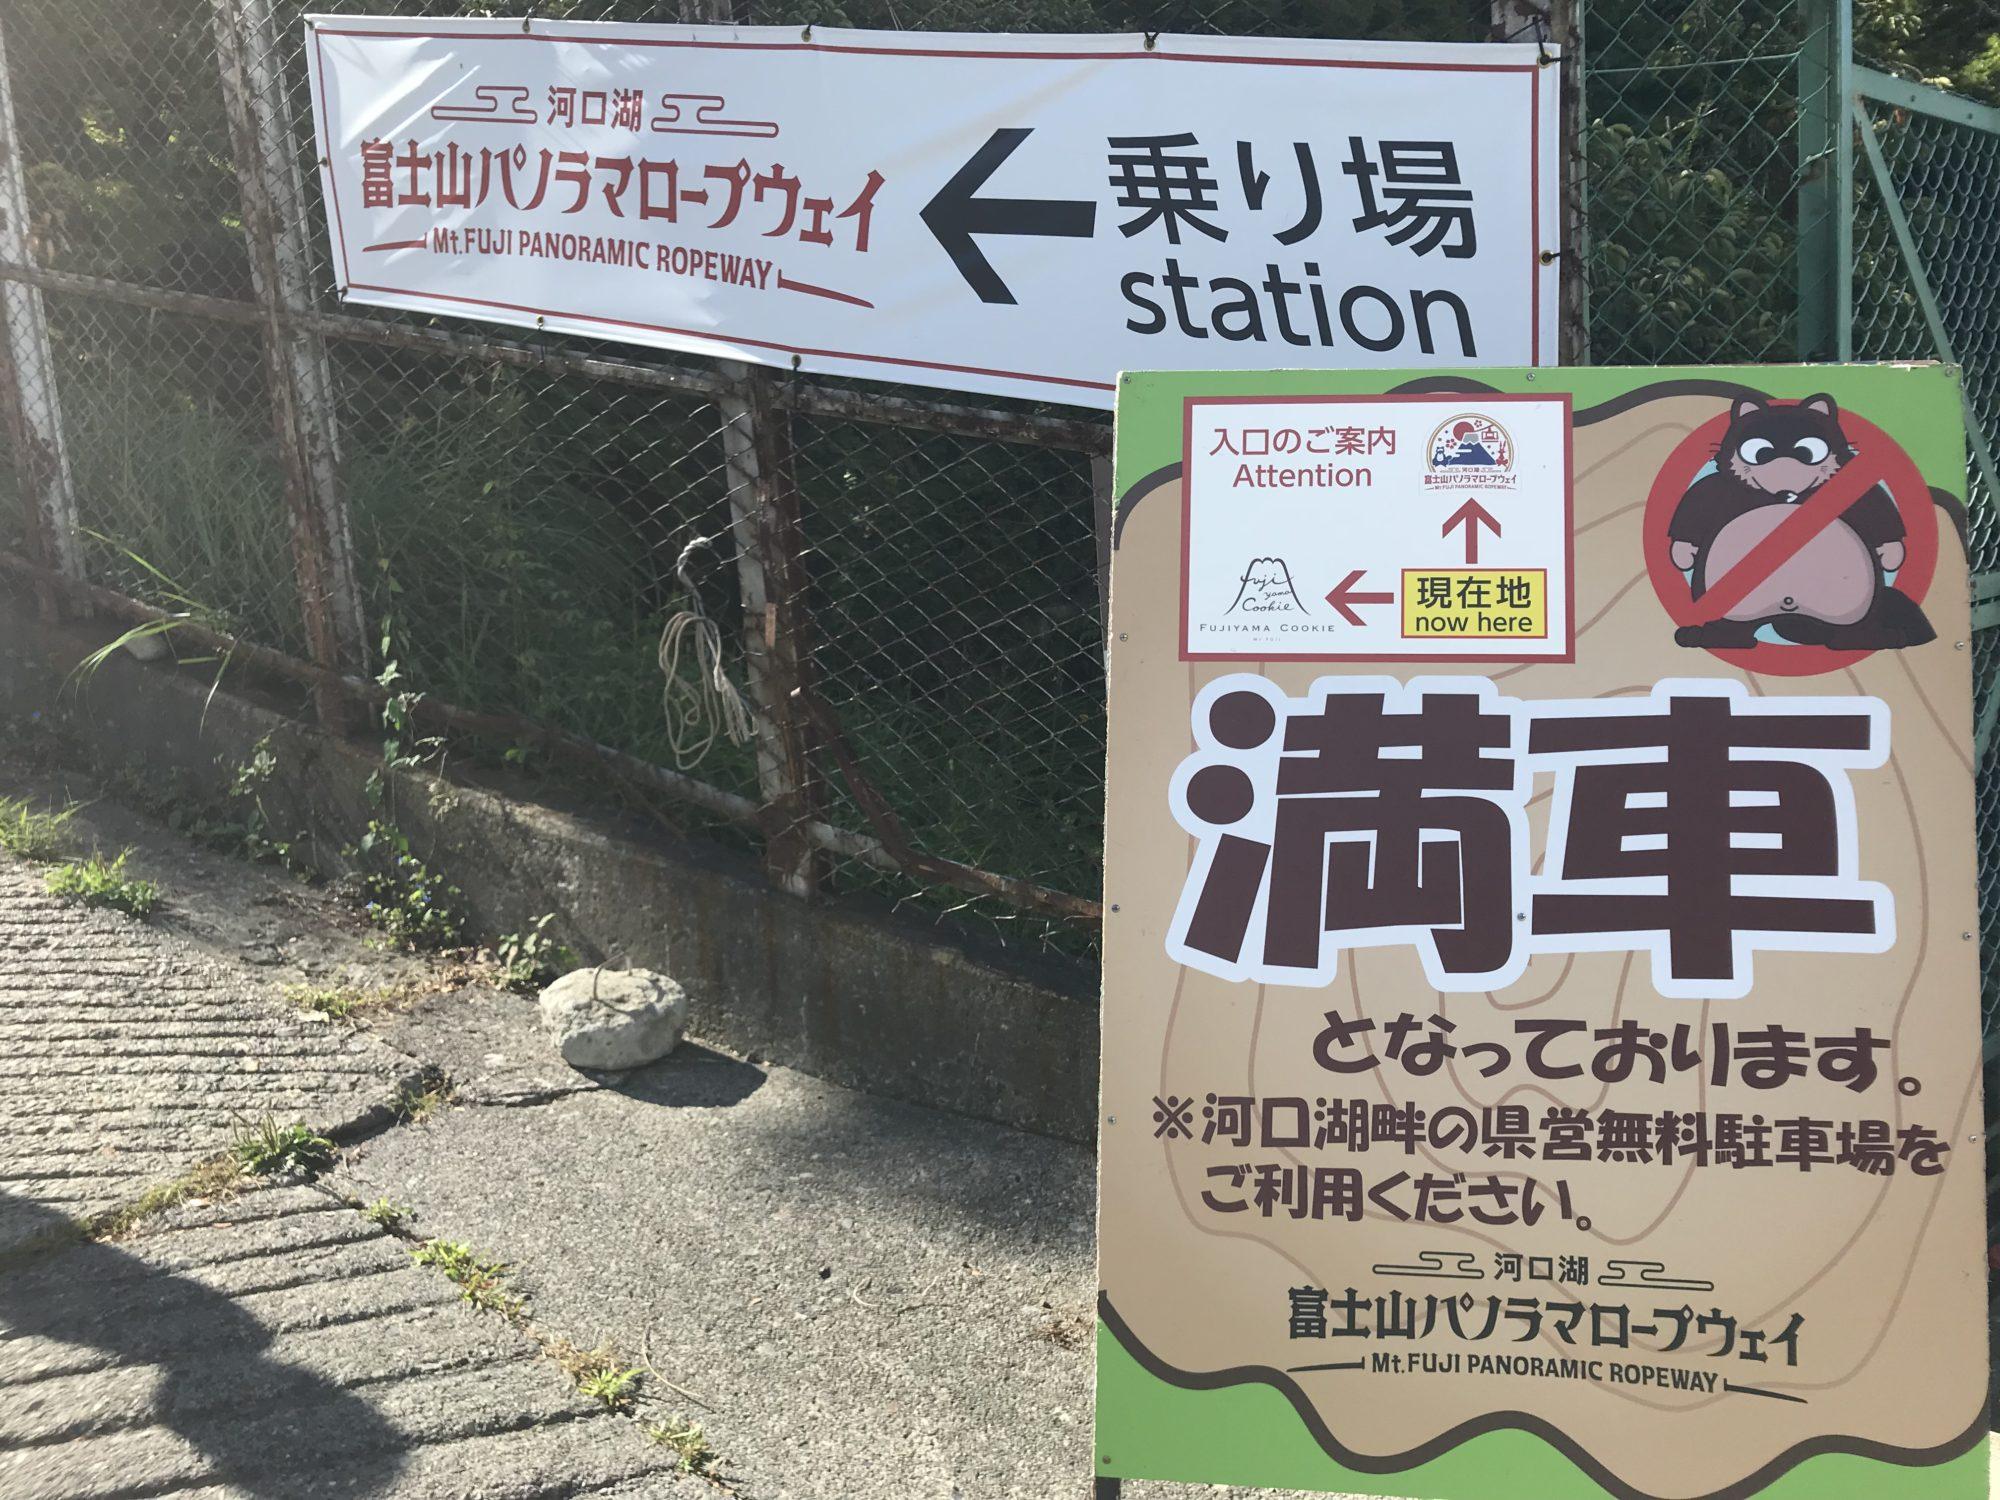 富士山パノラマロープウェイ駐車場